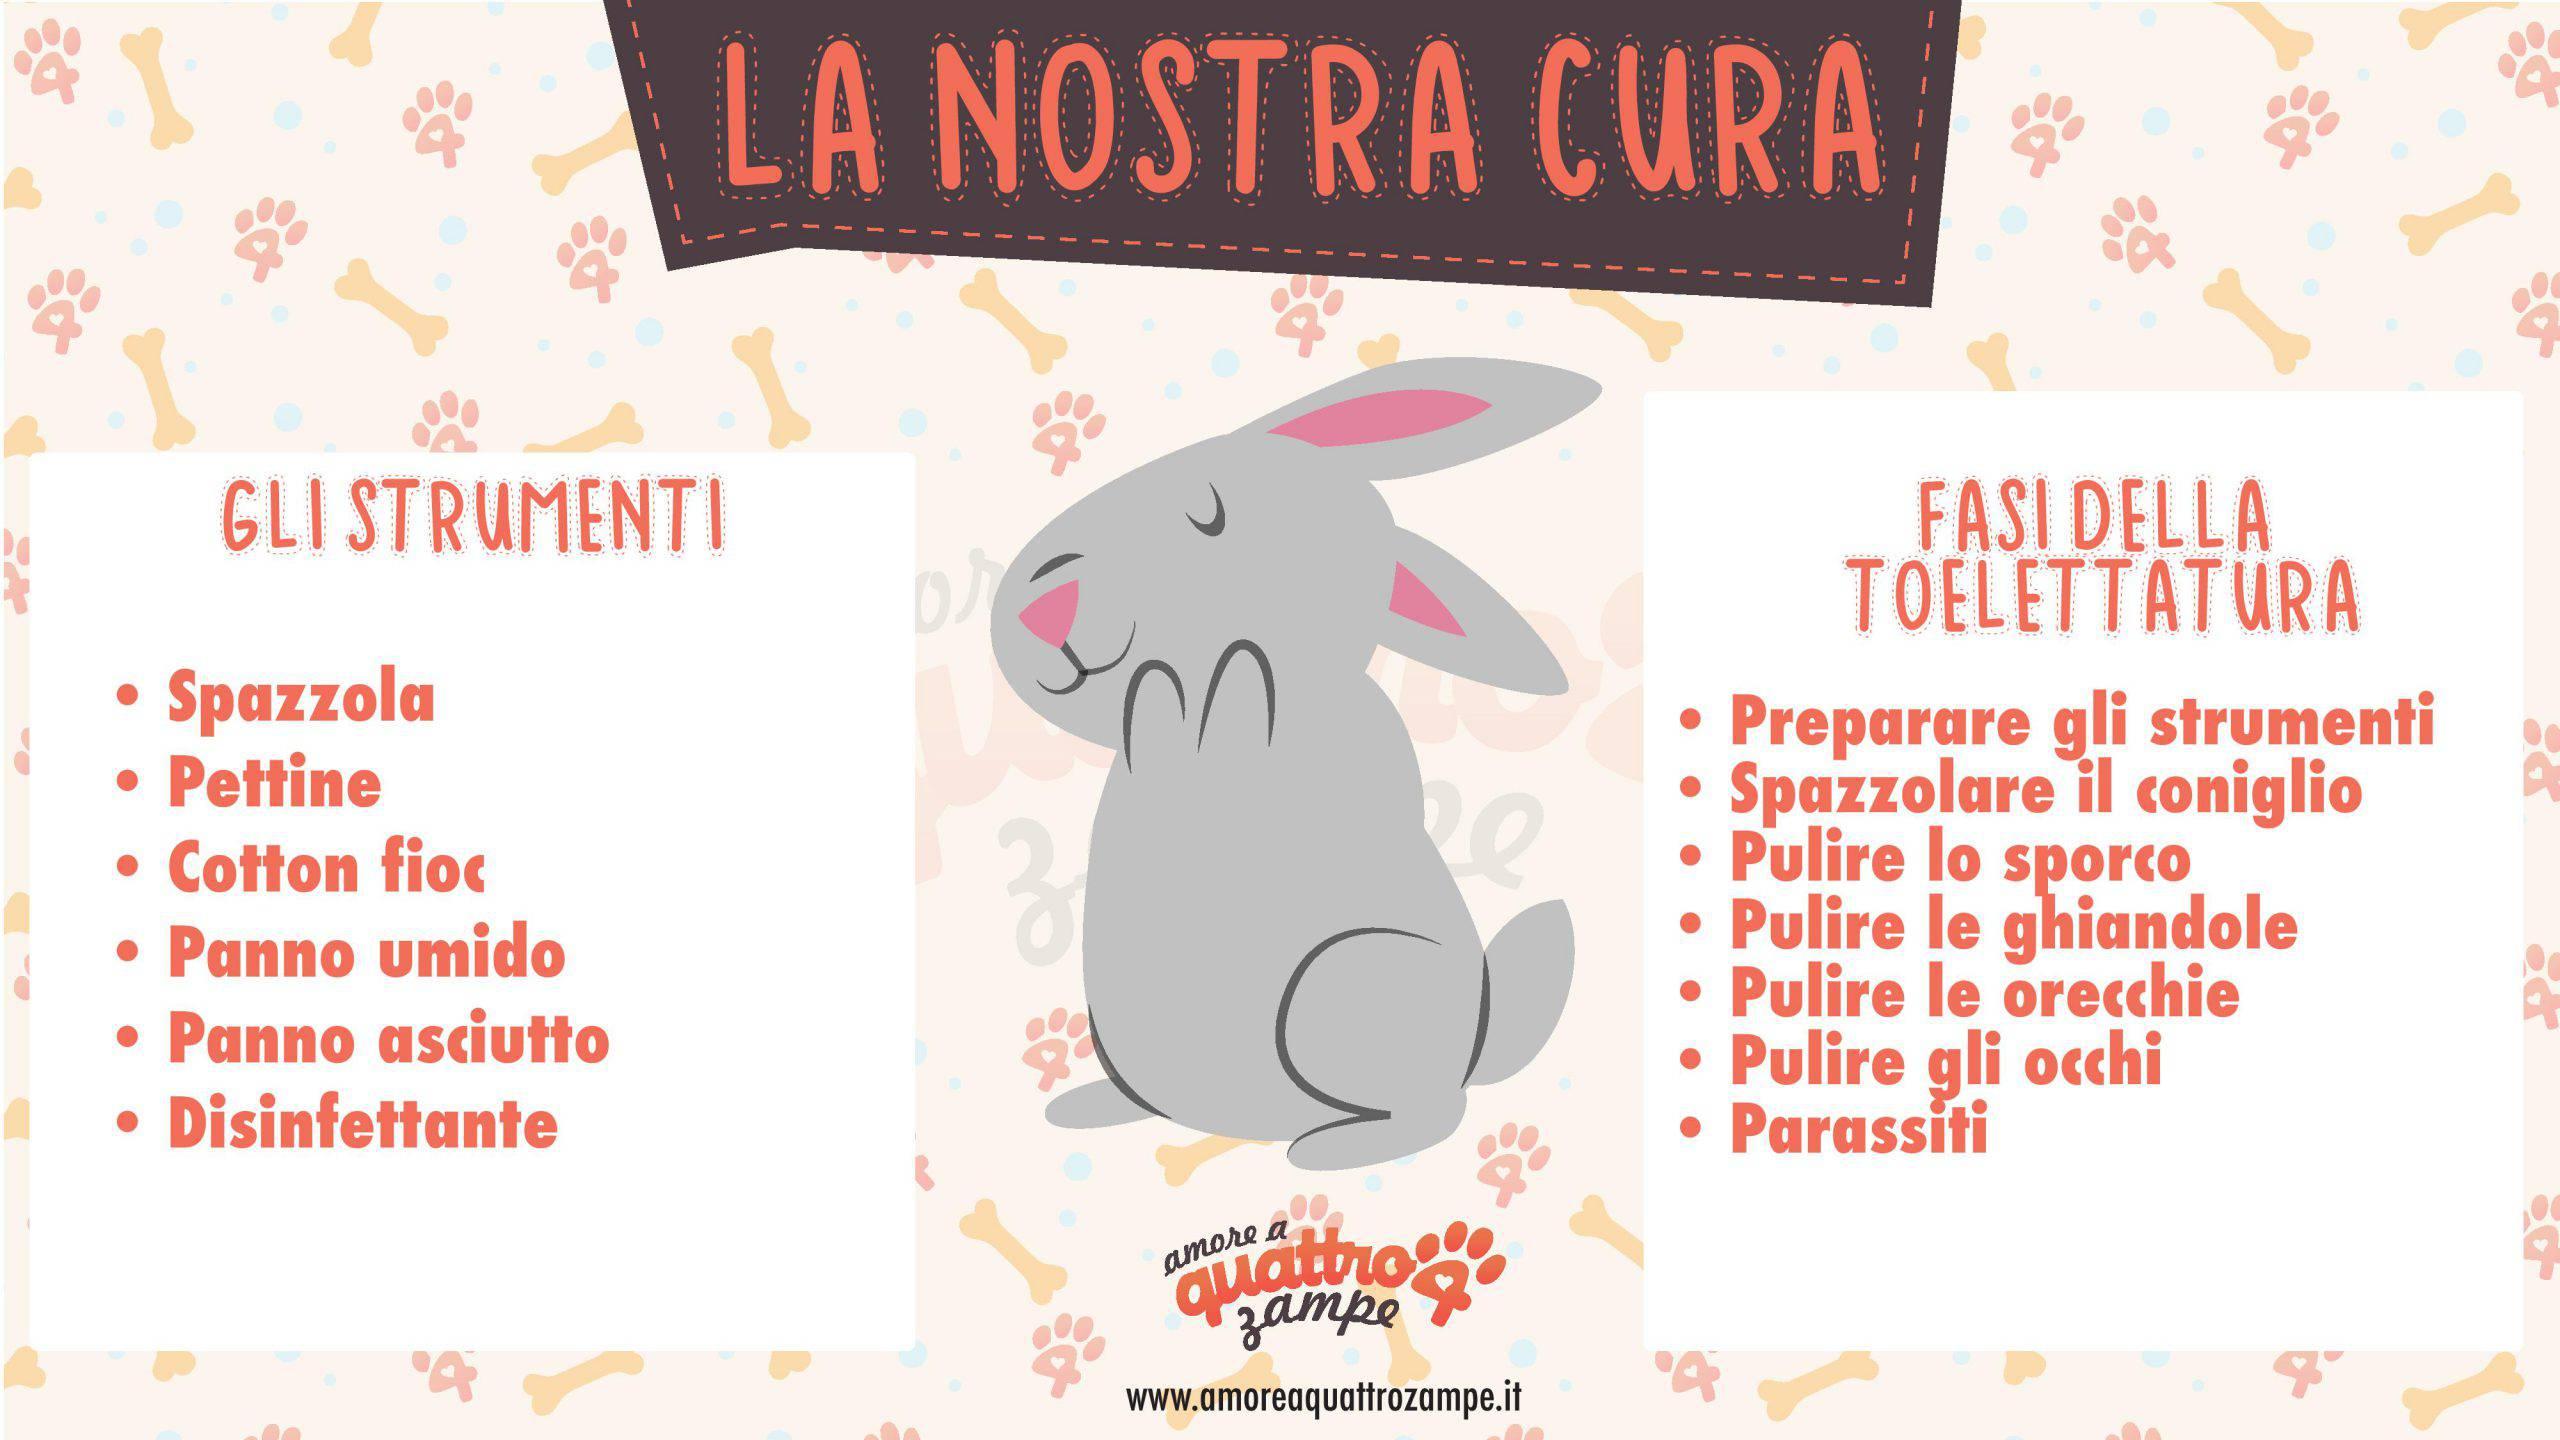 cura coniglio infografica